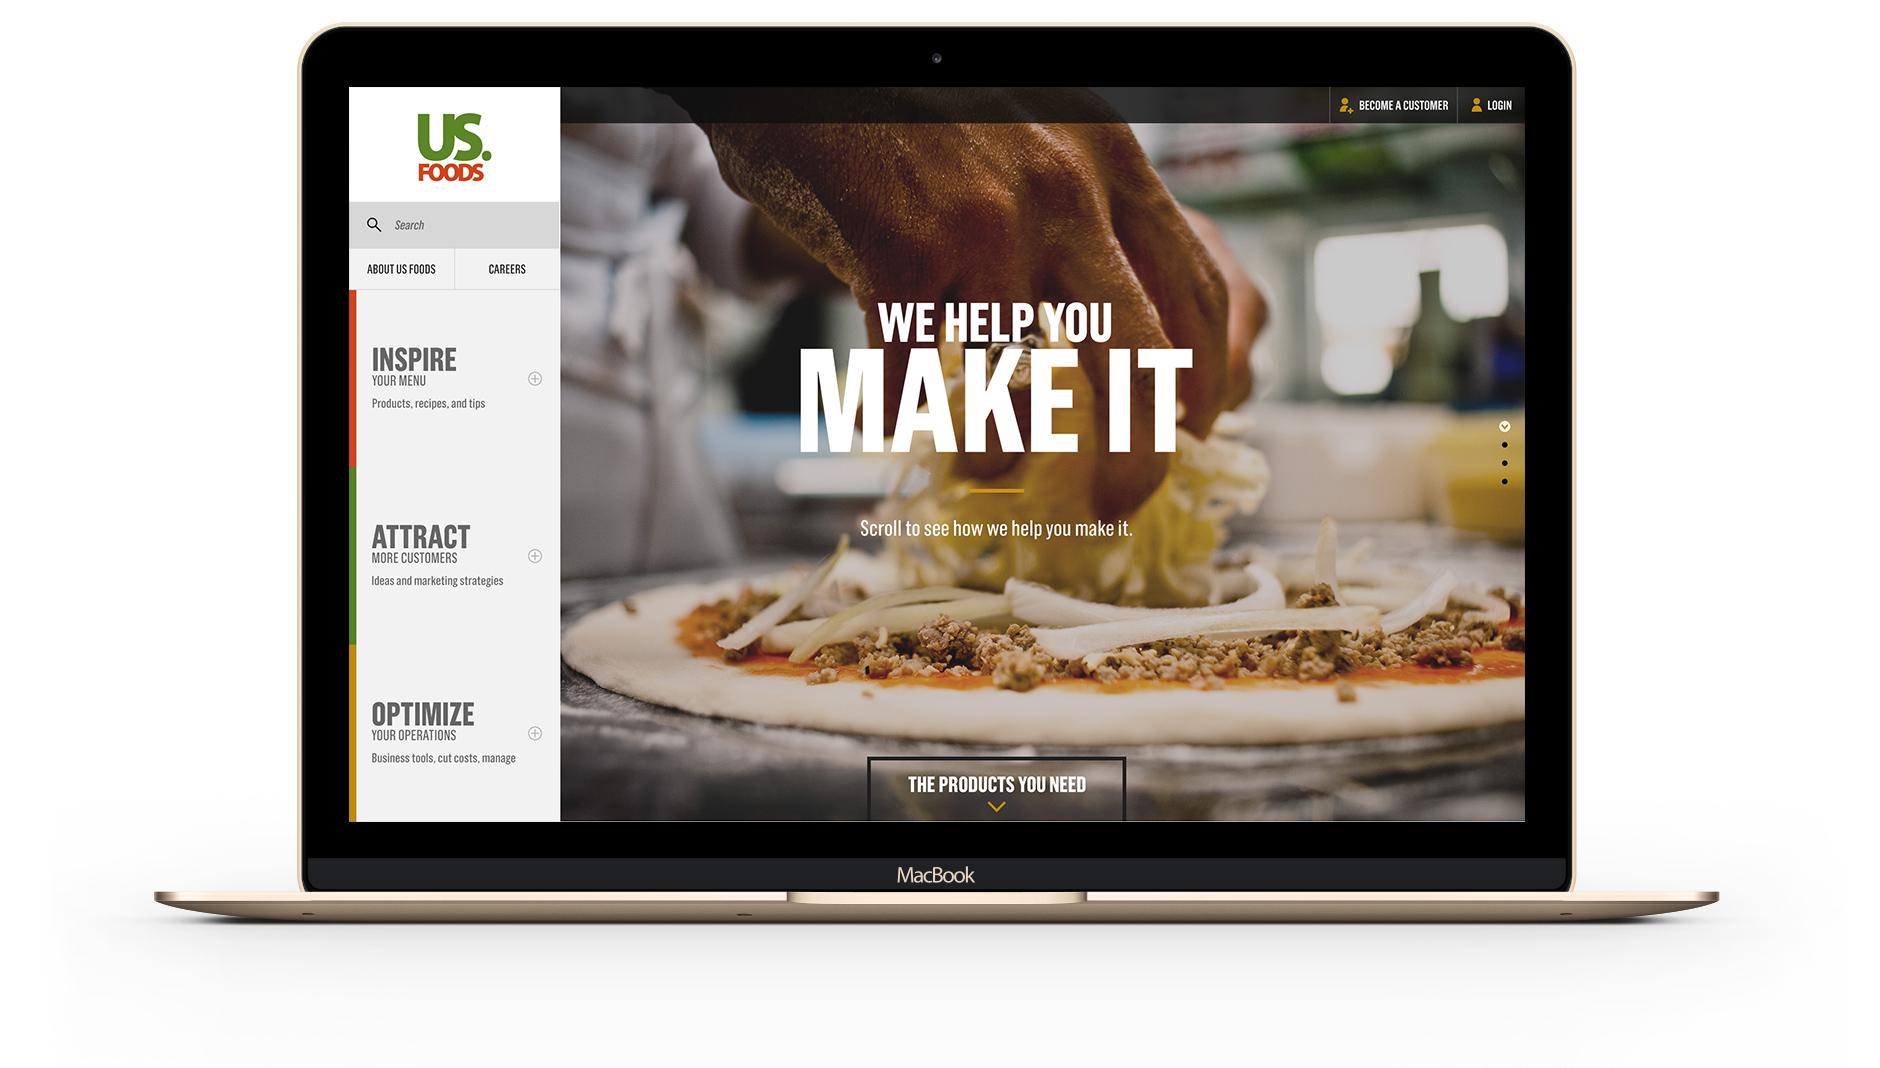 US Foods – immi